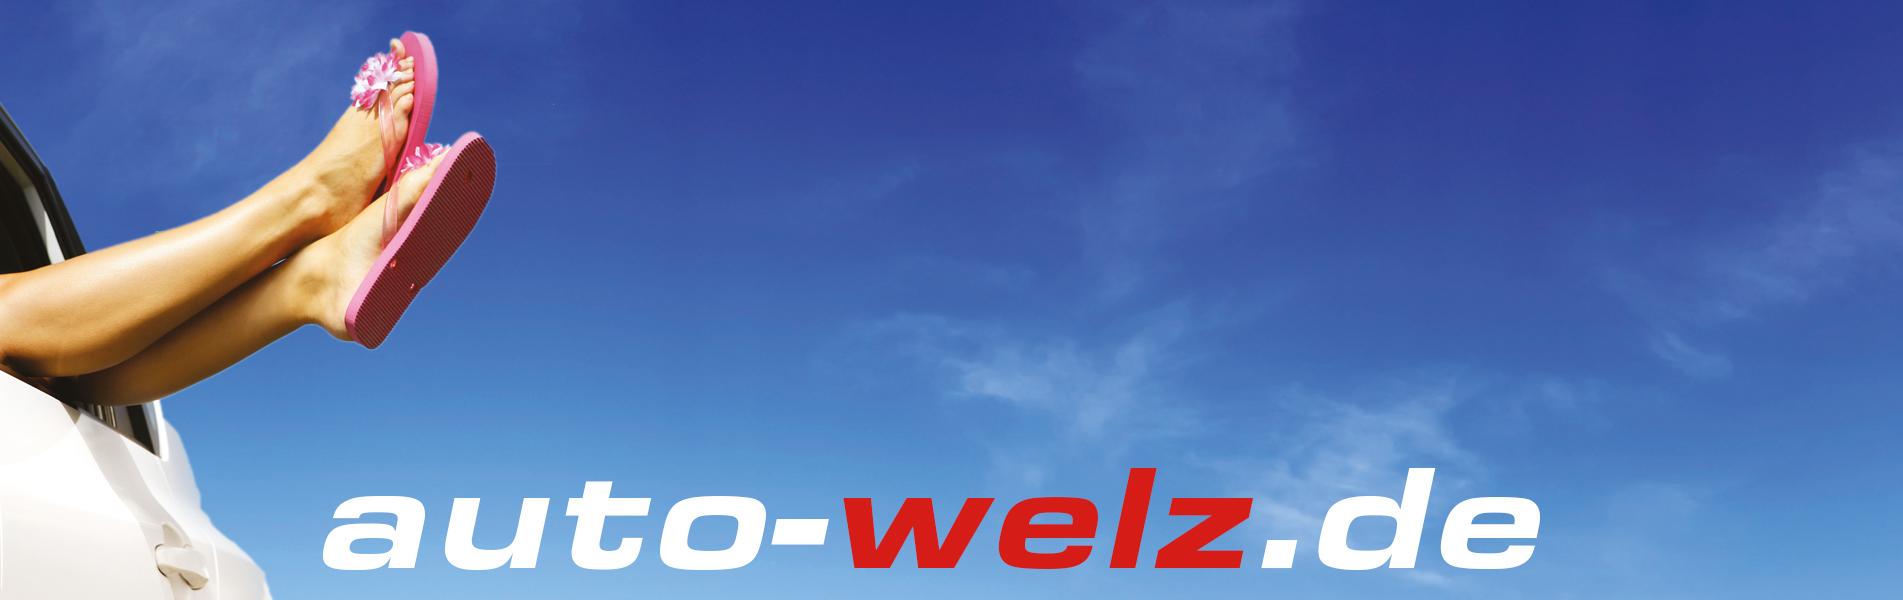 banner_1906x600_2